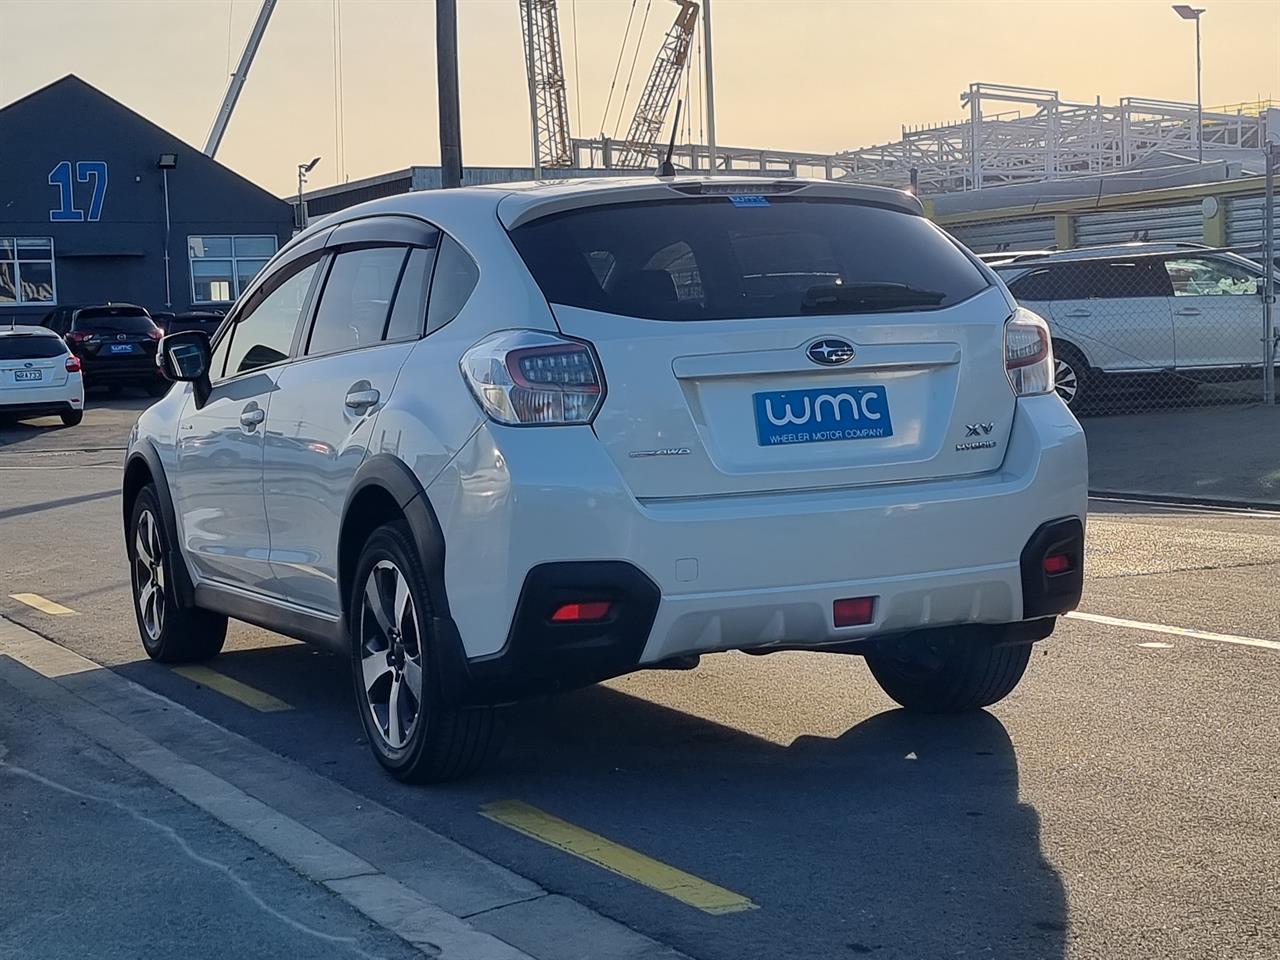 image-5, 2014 Subaru XV Hybrid 4WD at Christchurch